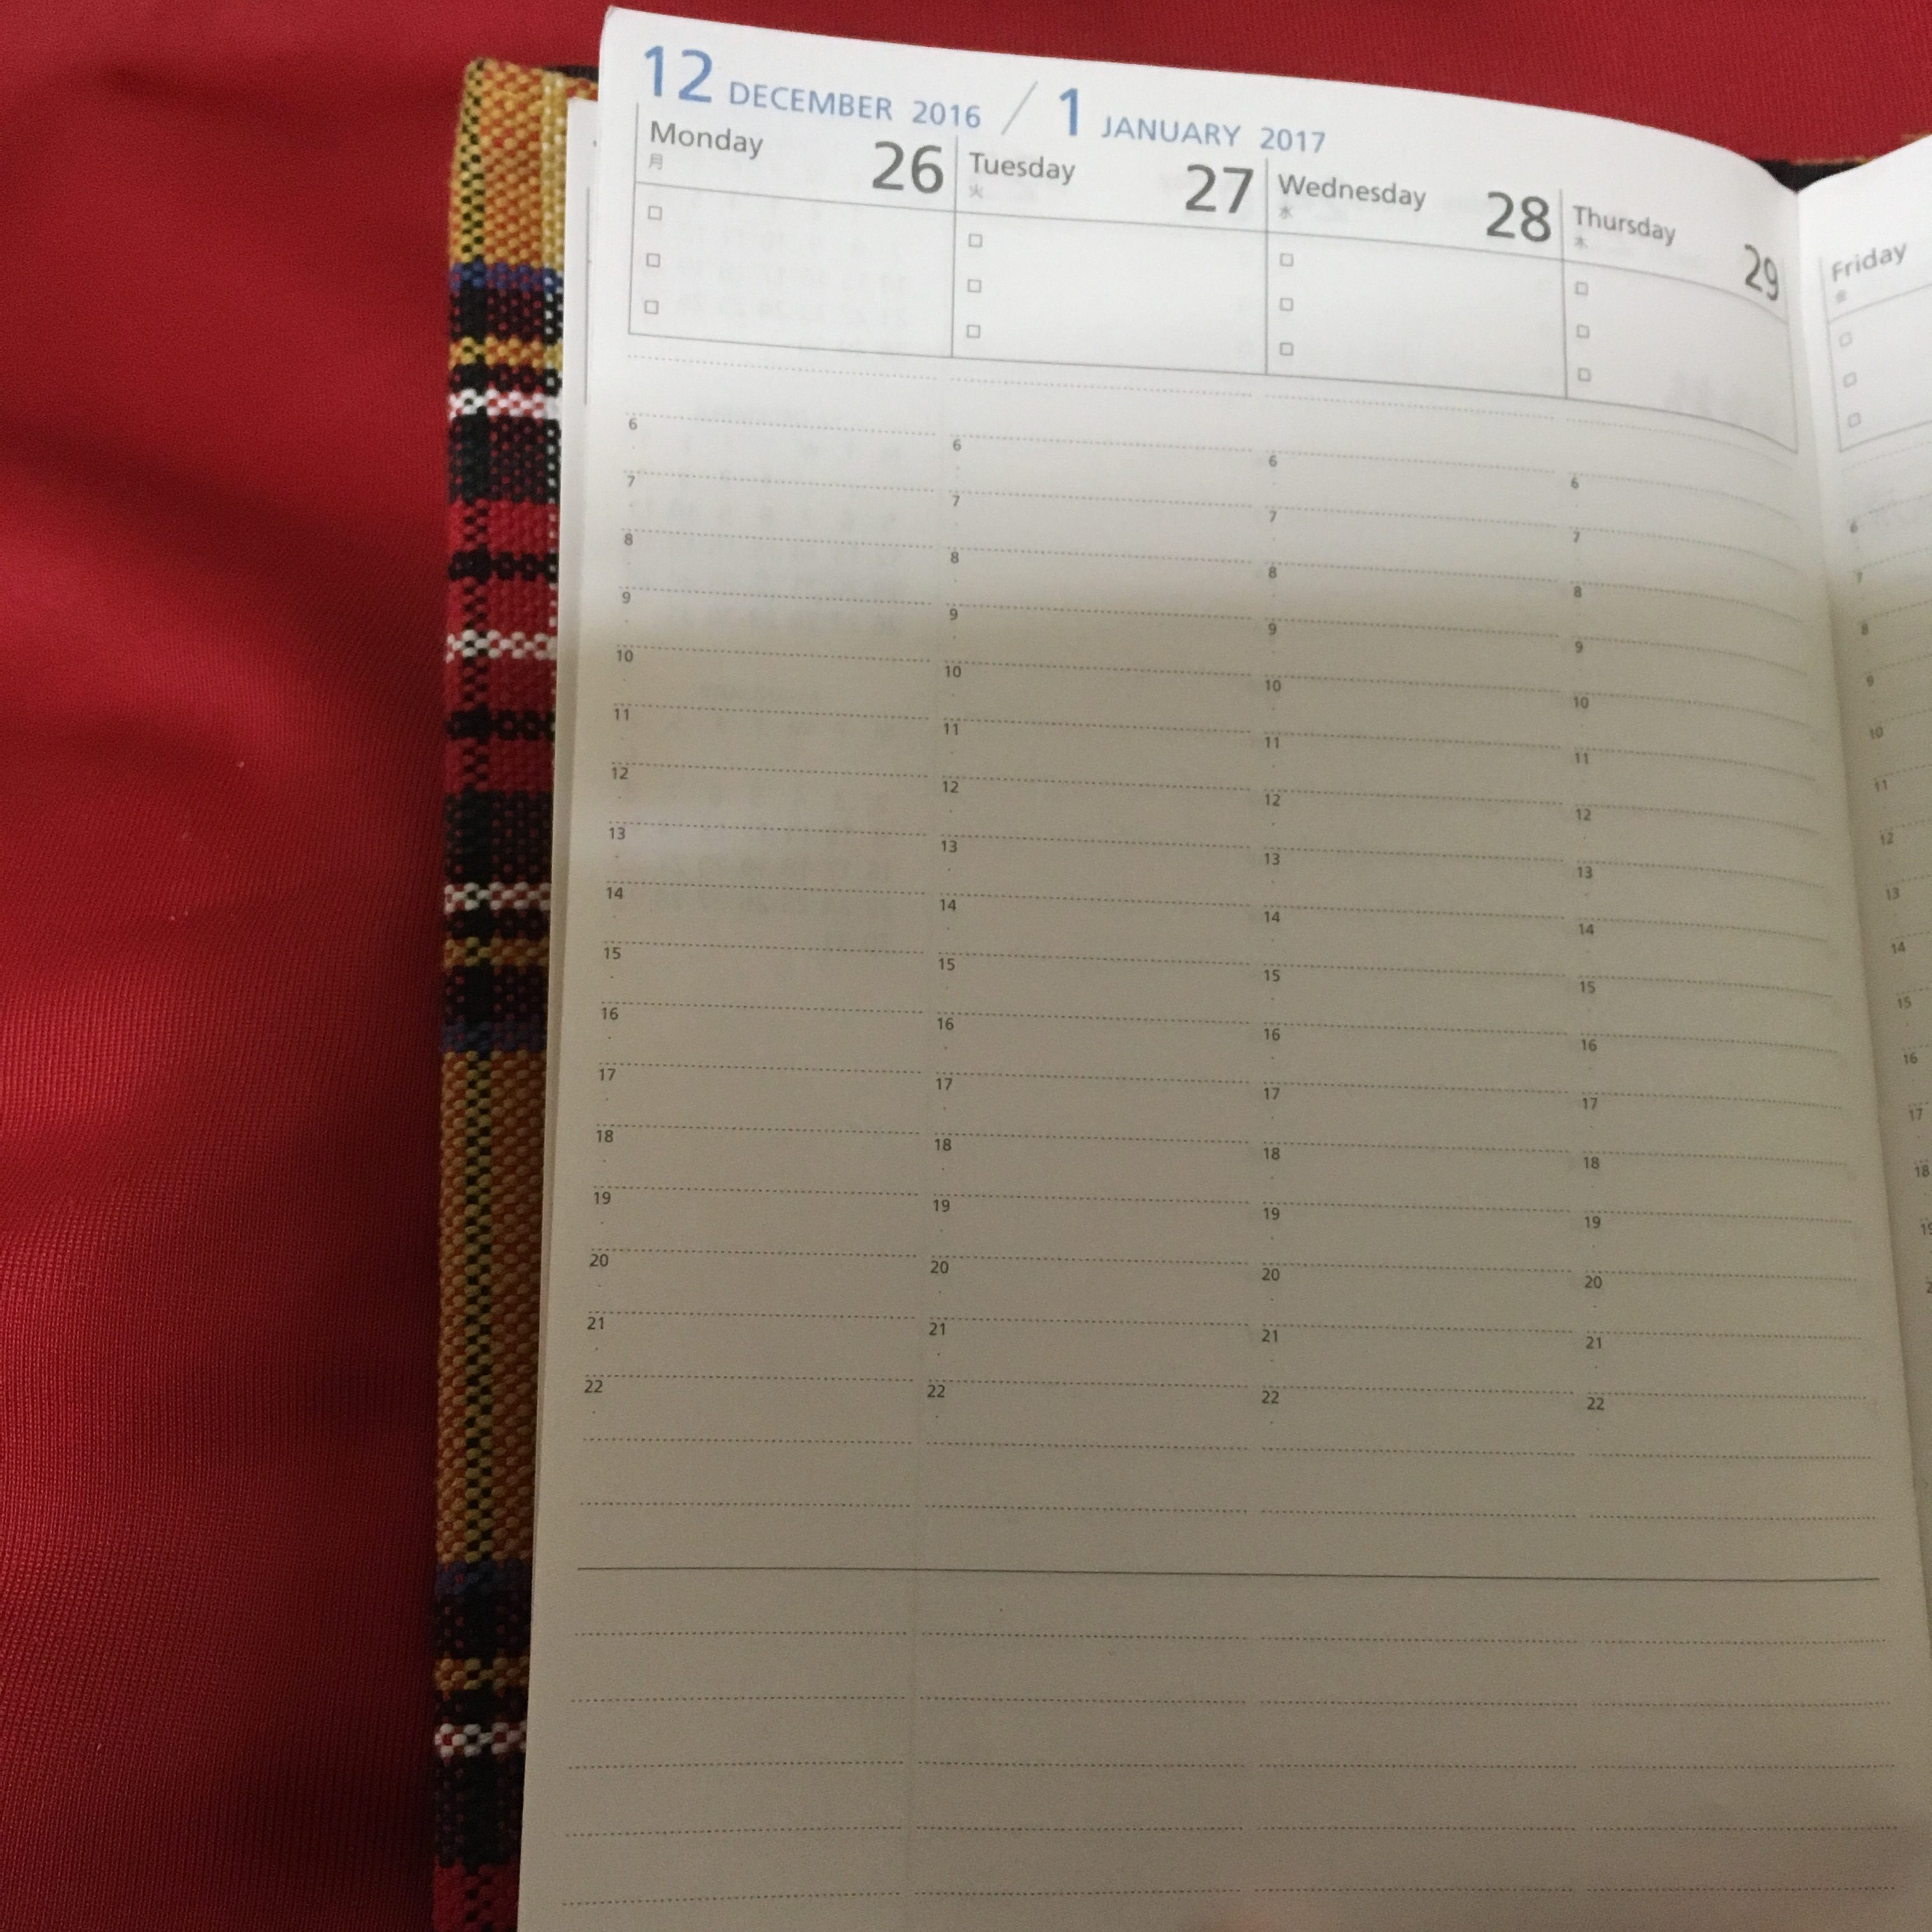 シンママ流夢を叶える手帳術を紹介。わたしはこれで年収を上げてます。